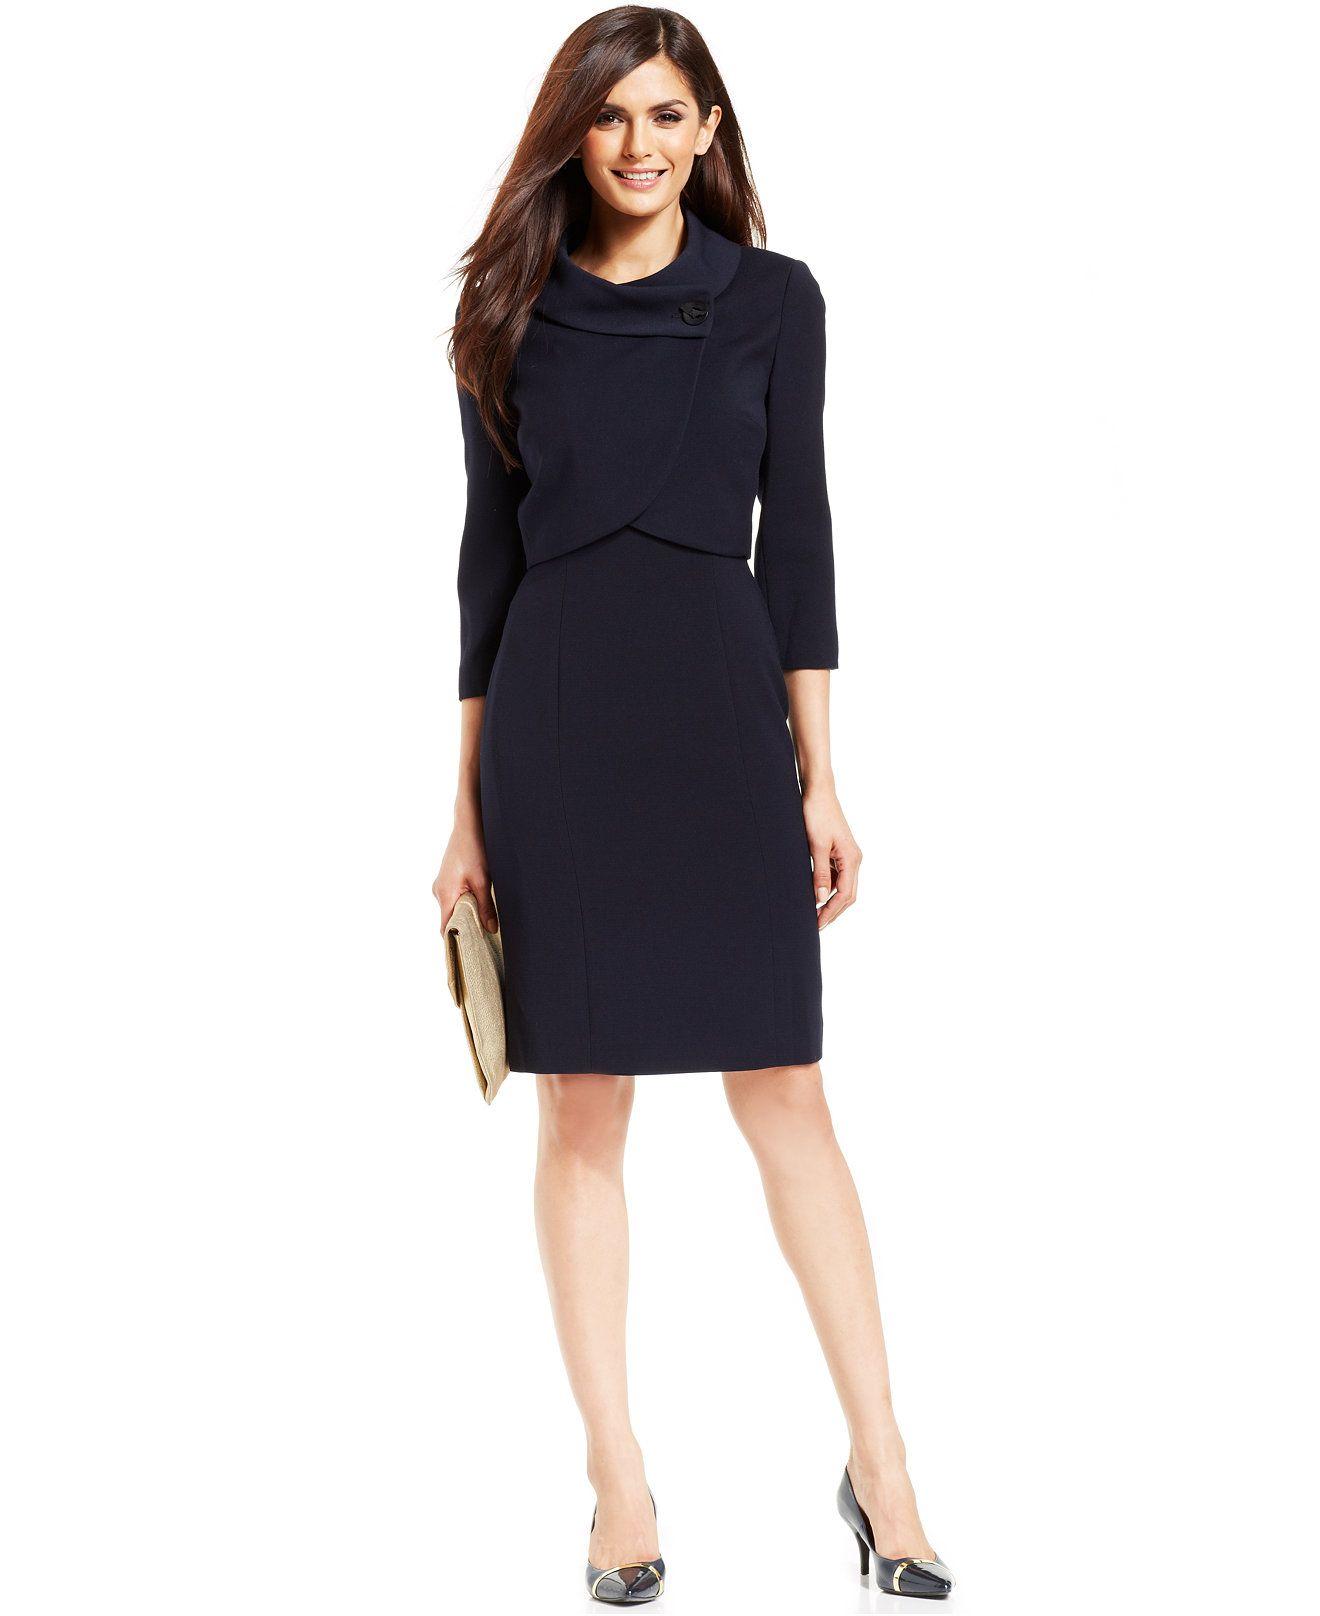 Tahari Asl Bolero Dress Suit All Suits Suit Separates Women